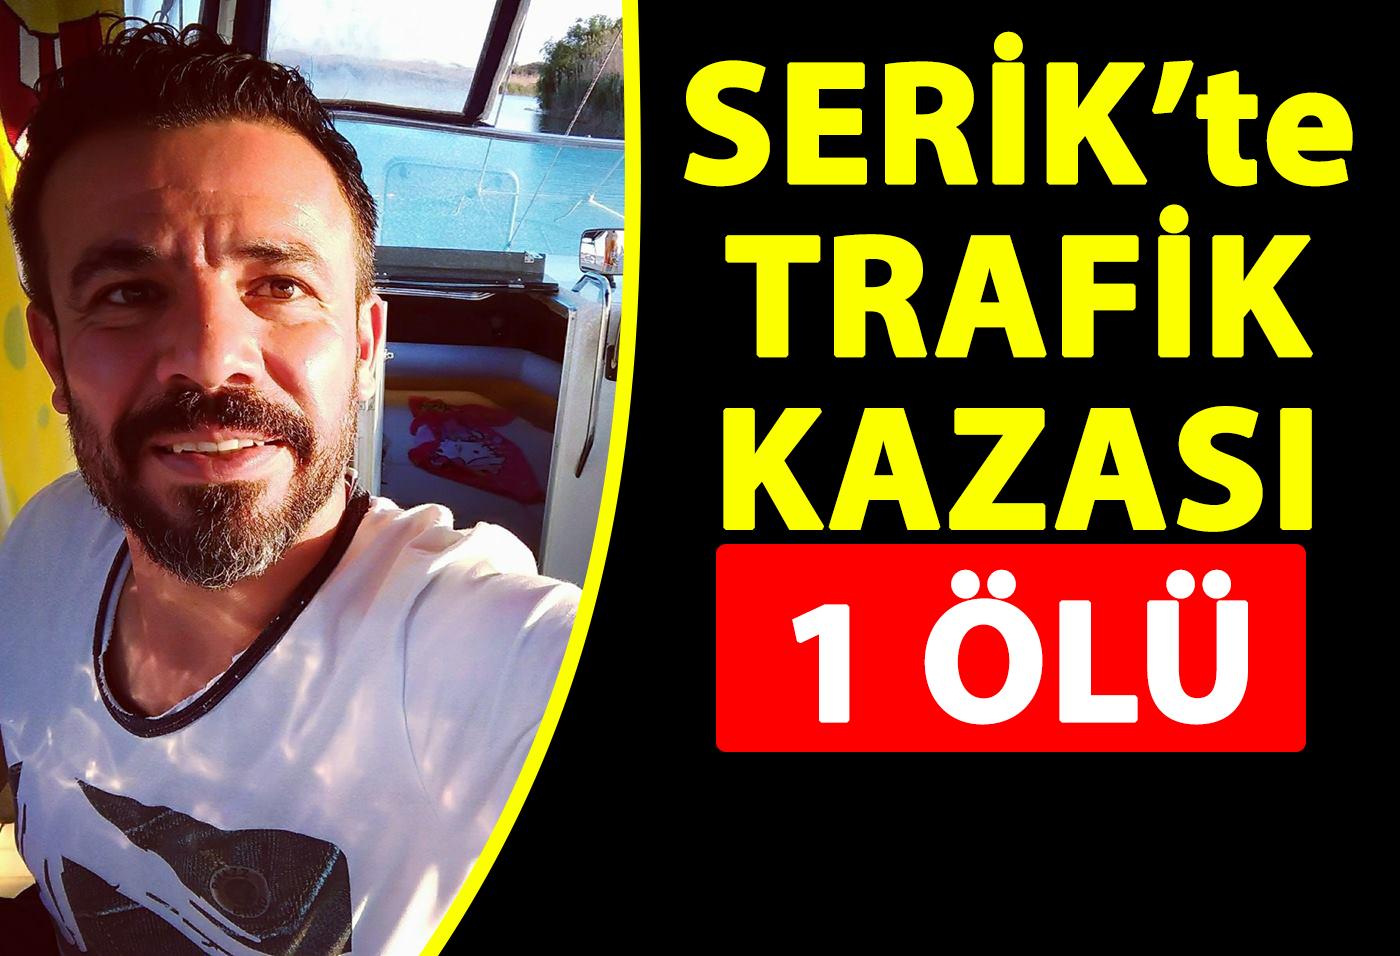 Serik'te Trafik Kazası, 1 Ölü